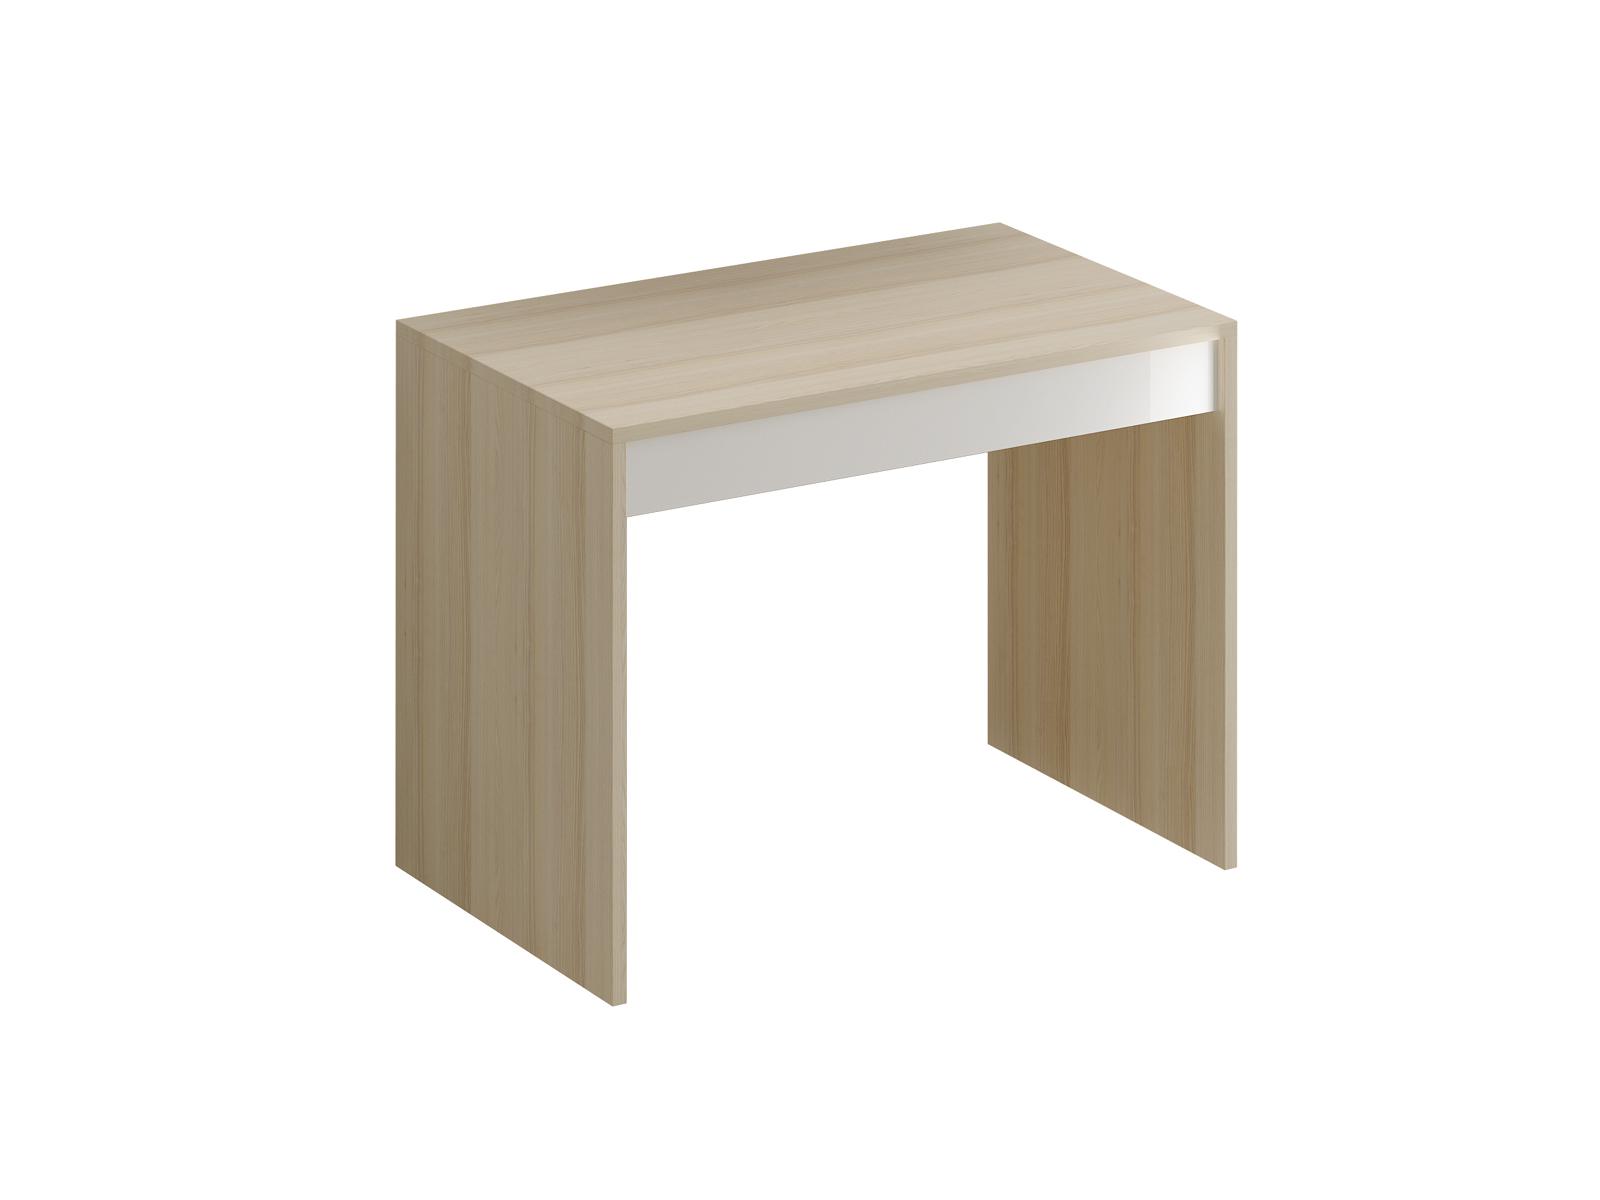 Стол письменный Mix PlusПисьменные столы<br><br><br>Material: ДСП<br>Ширина см: 98<br>Высота см: 76<br>Глубина см: 60